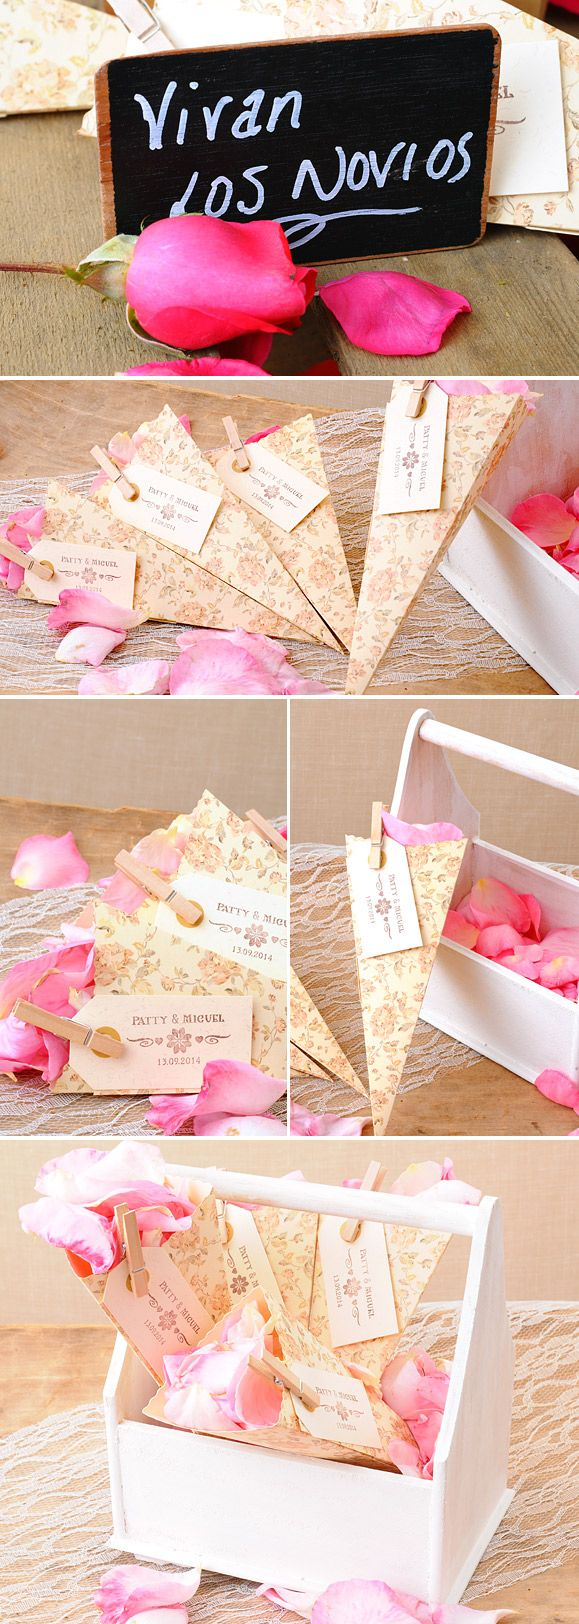 5 ideas muy sencillas para colocar los pétalos en vuestra boda